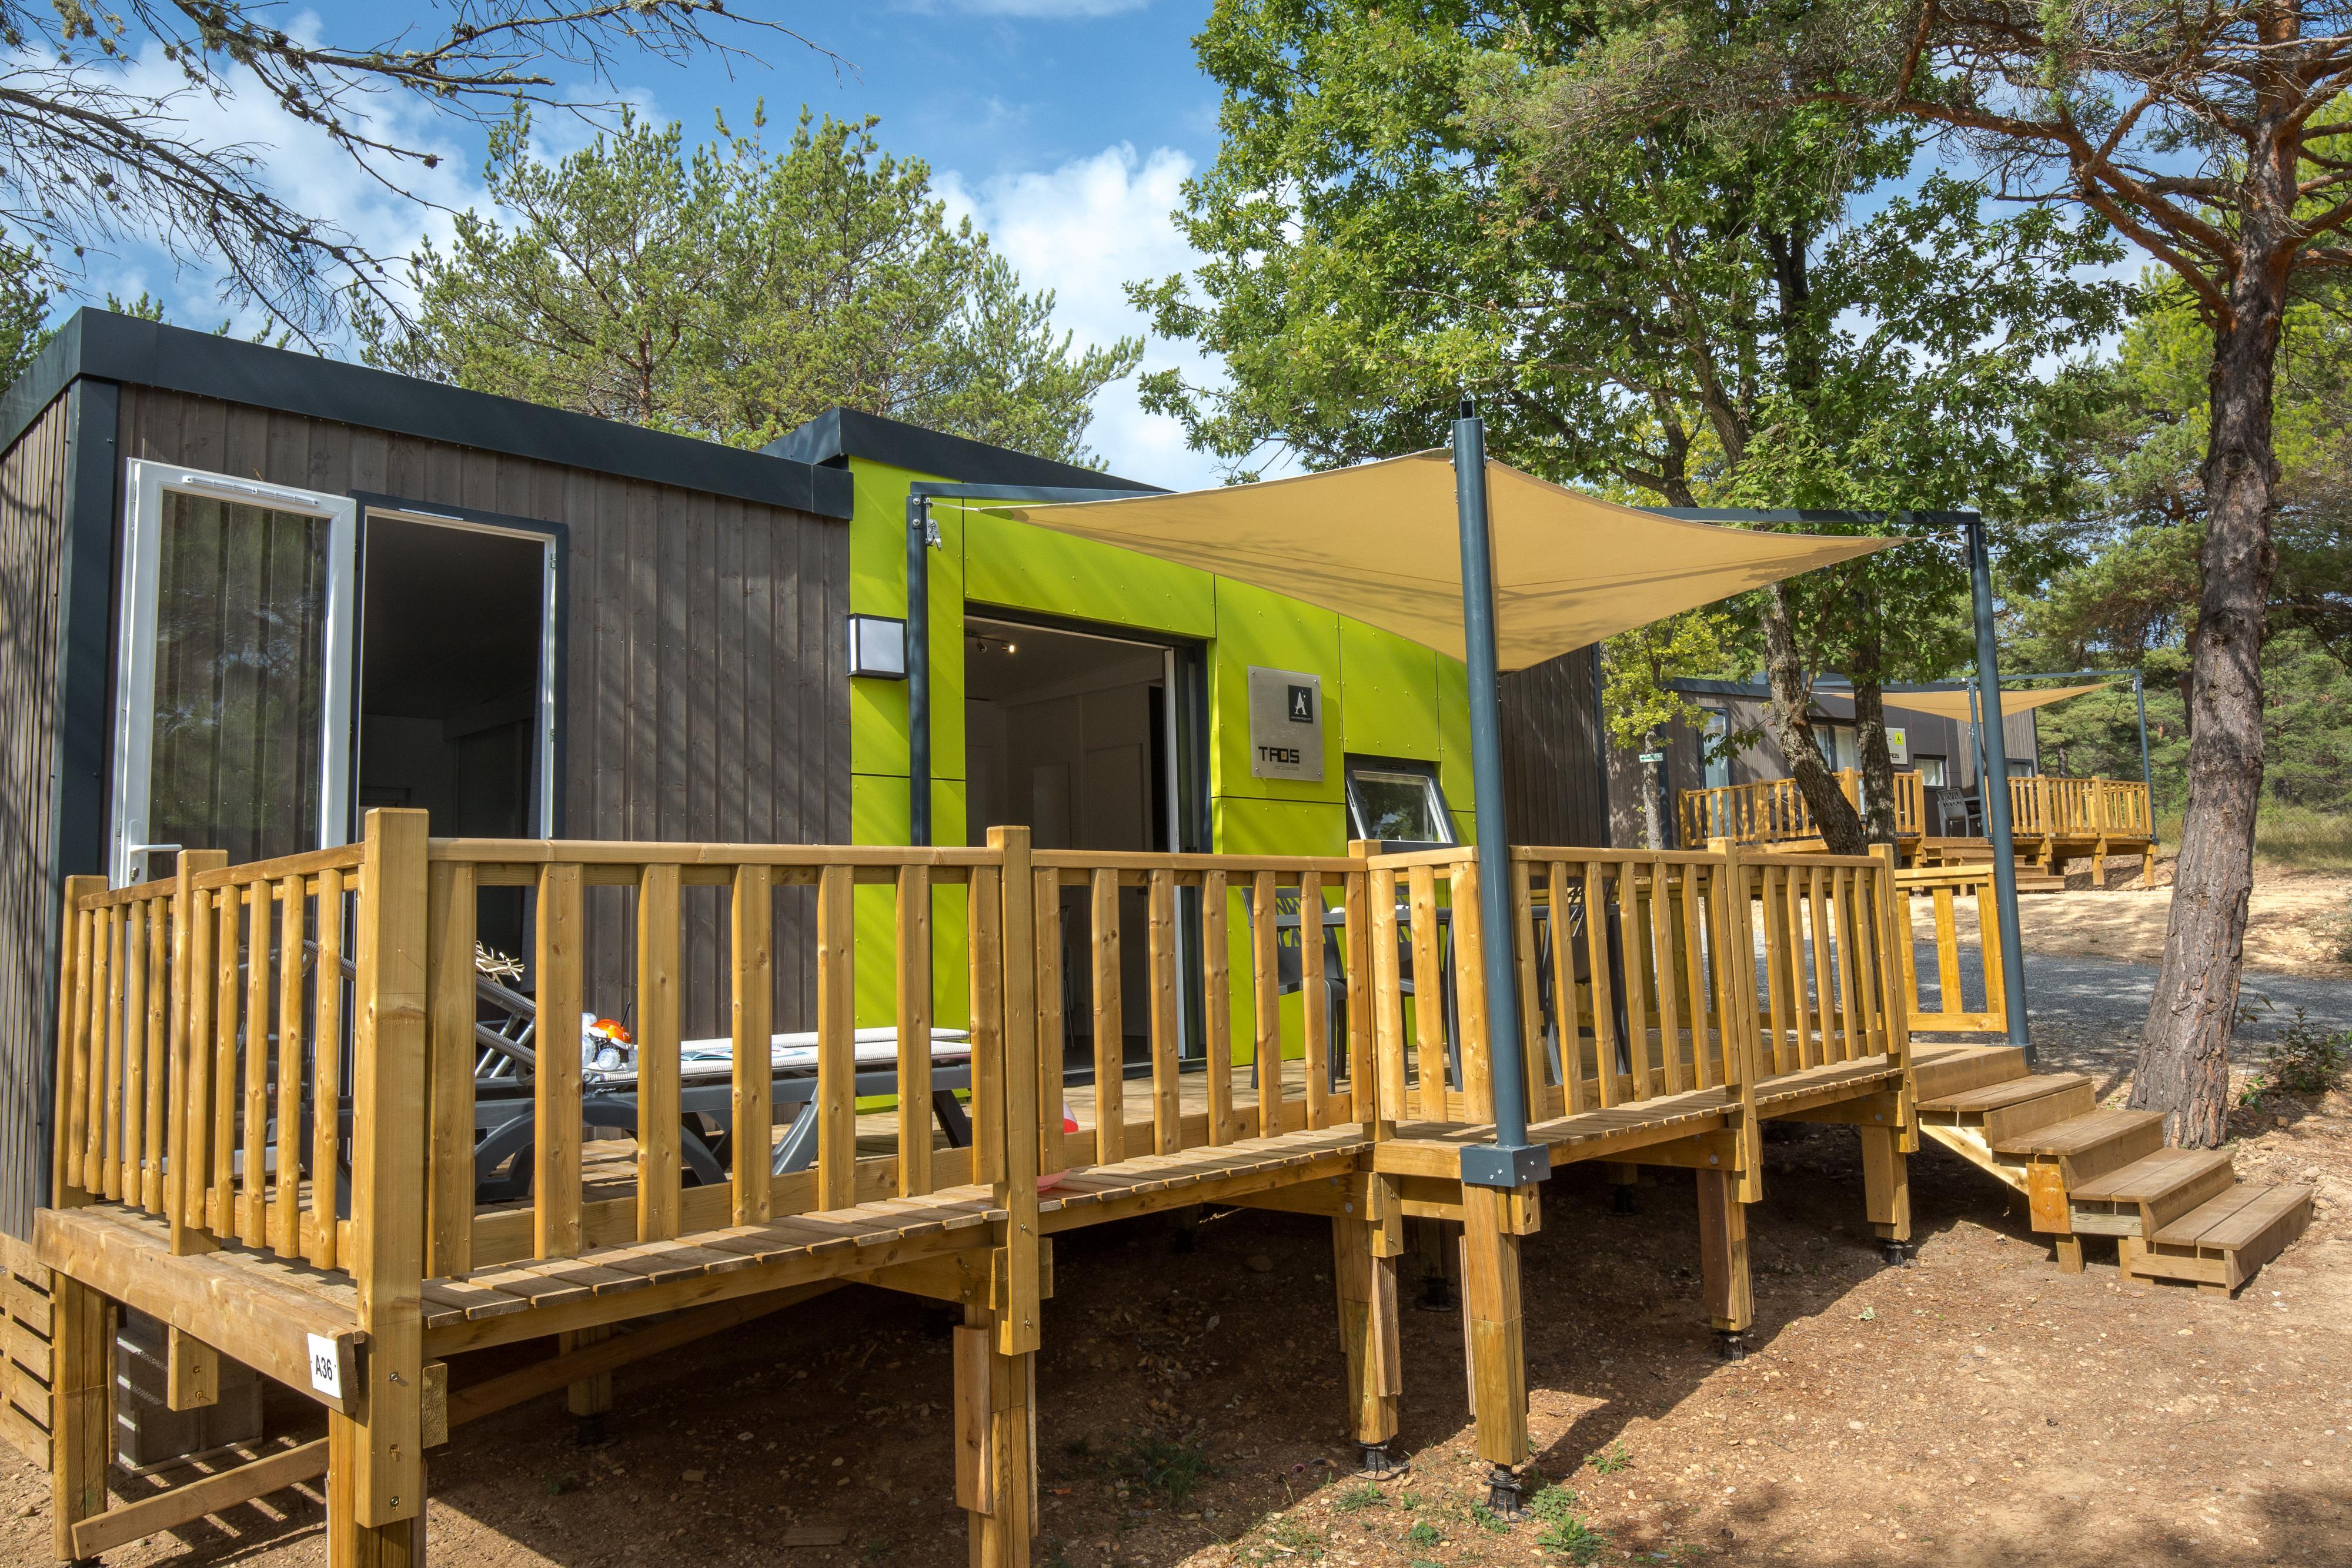 Location - Mobil Home Ciela Prestige - 35M² - 1 Suite Parentale- 2 Chambres- 2 Salles De Bain- Climatisation - Tv - Lave Vaisselle - Draps Inclus - Camping La Farigoulette